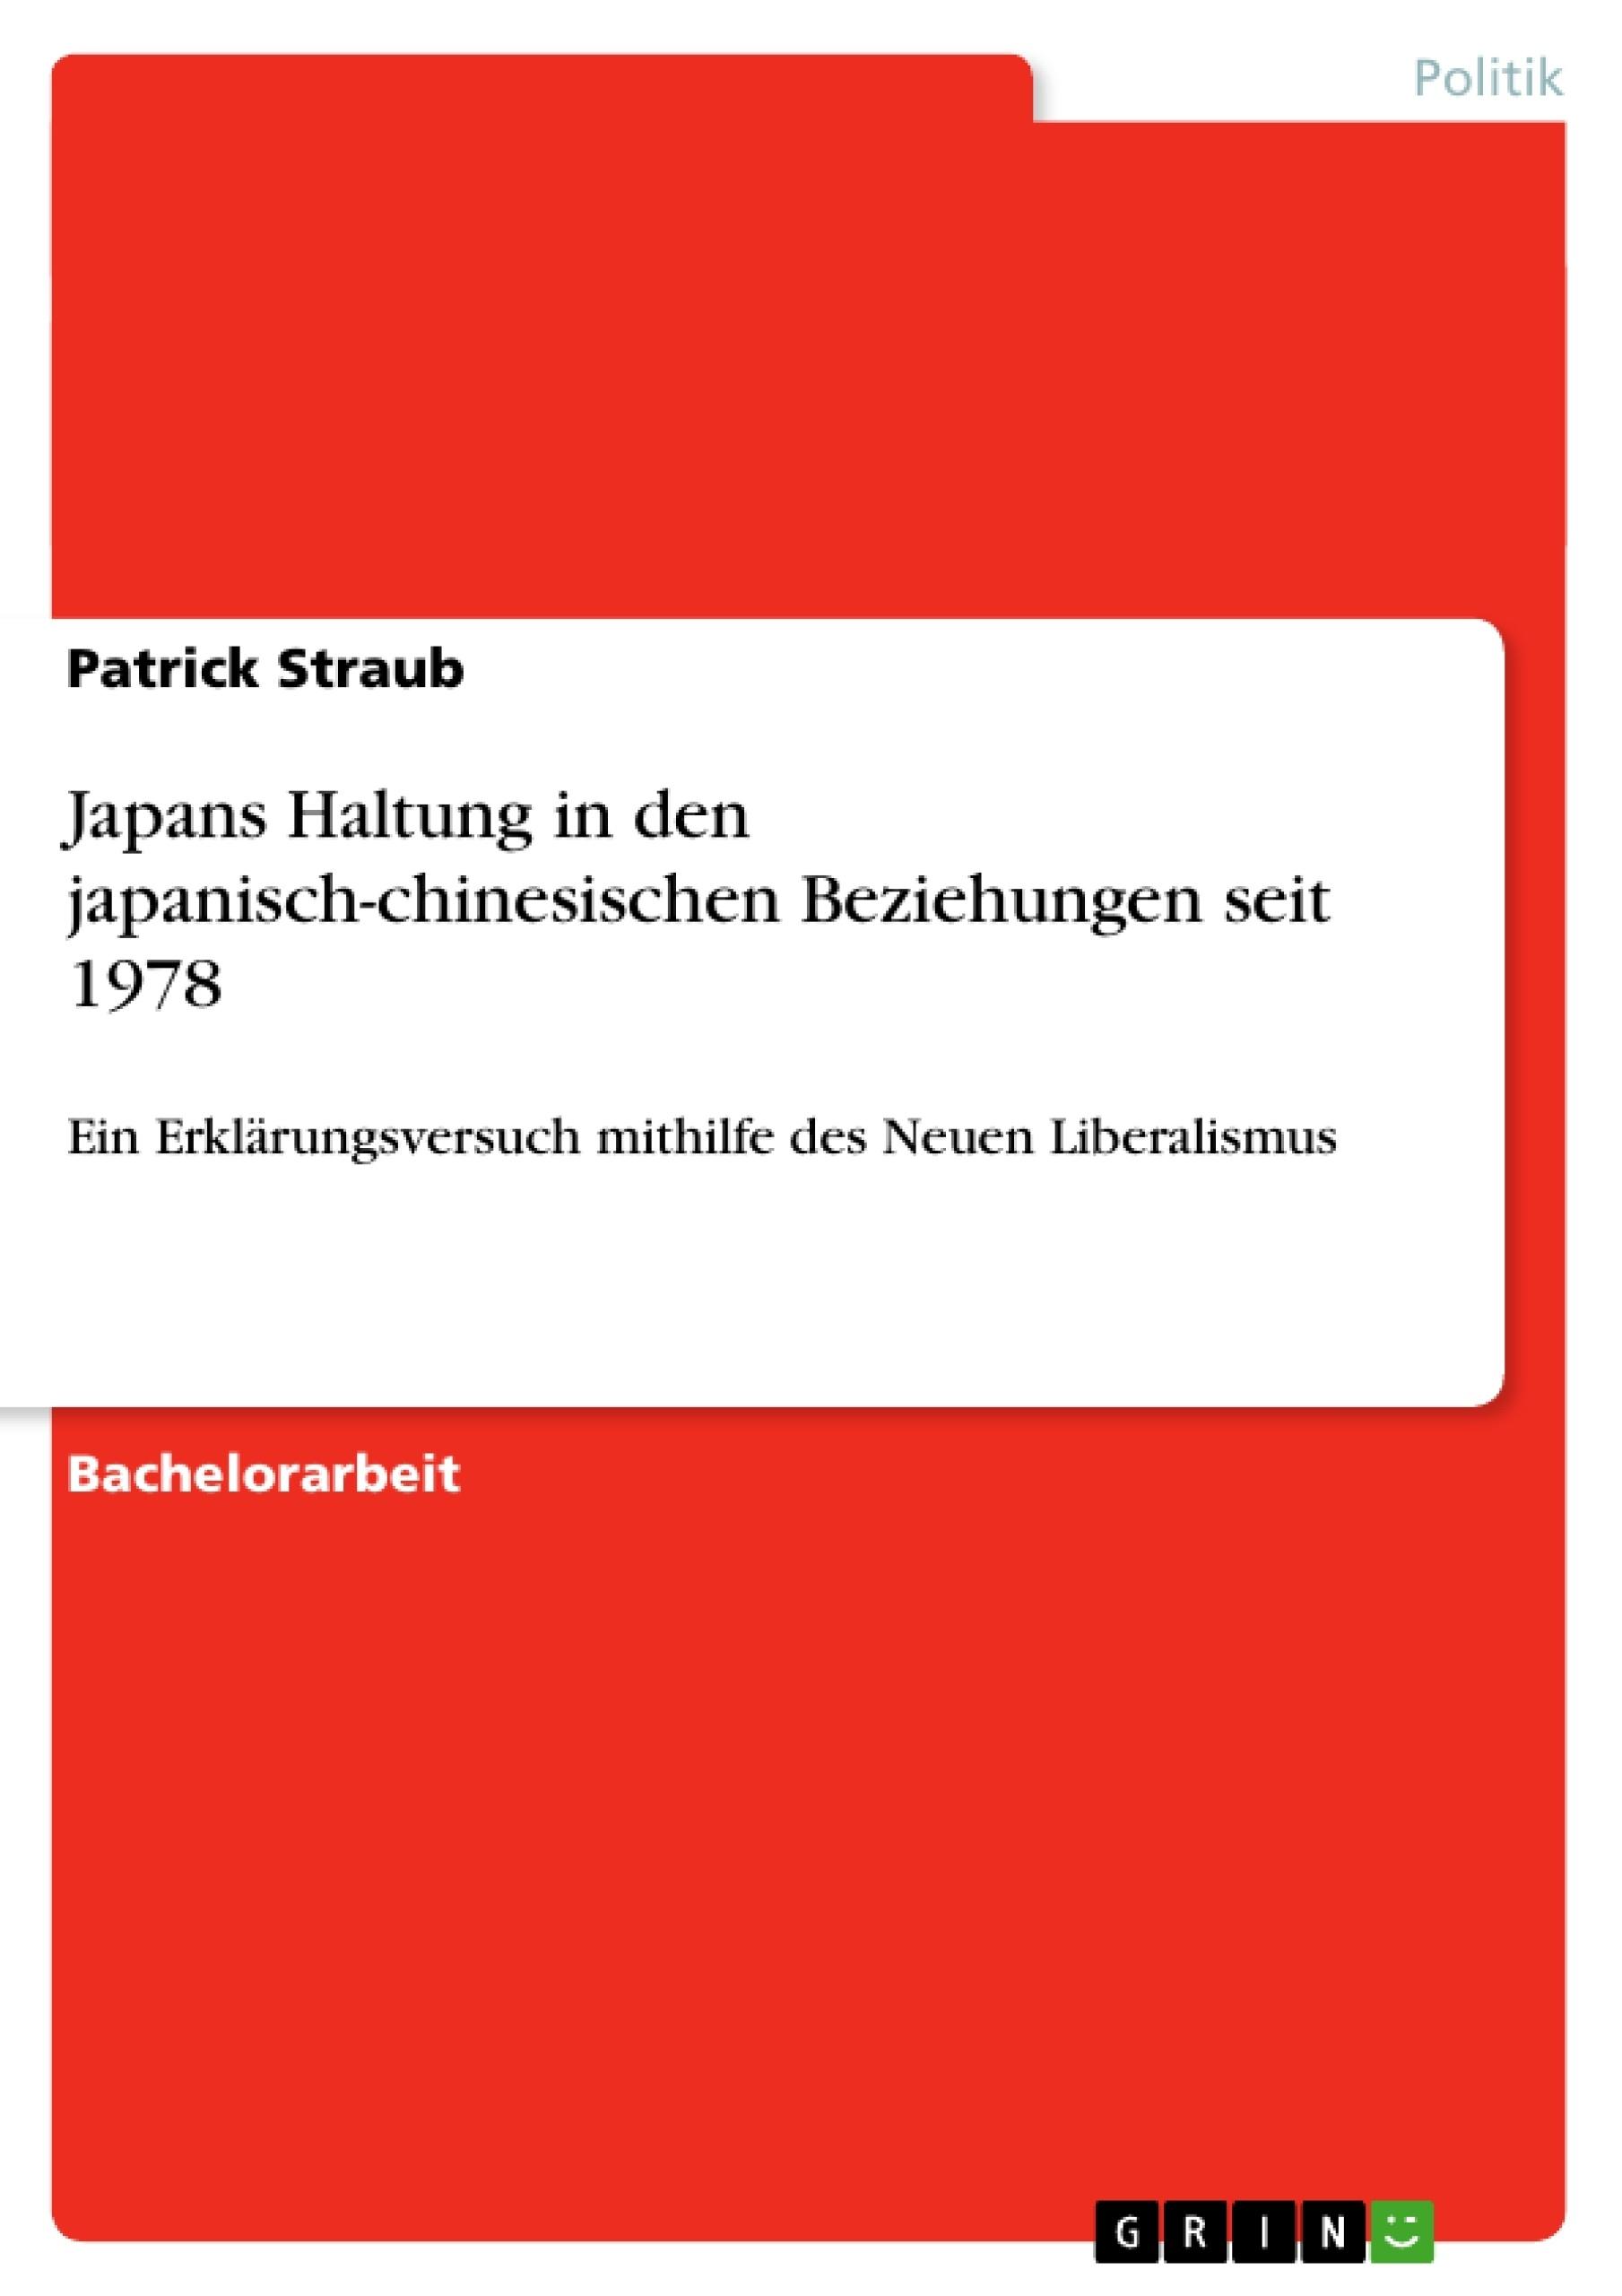 Titel: Japans Haltung in den japanisch-chinesischen Beziehungen seit 1978